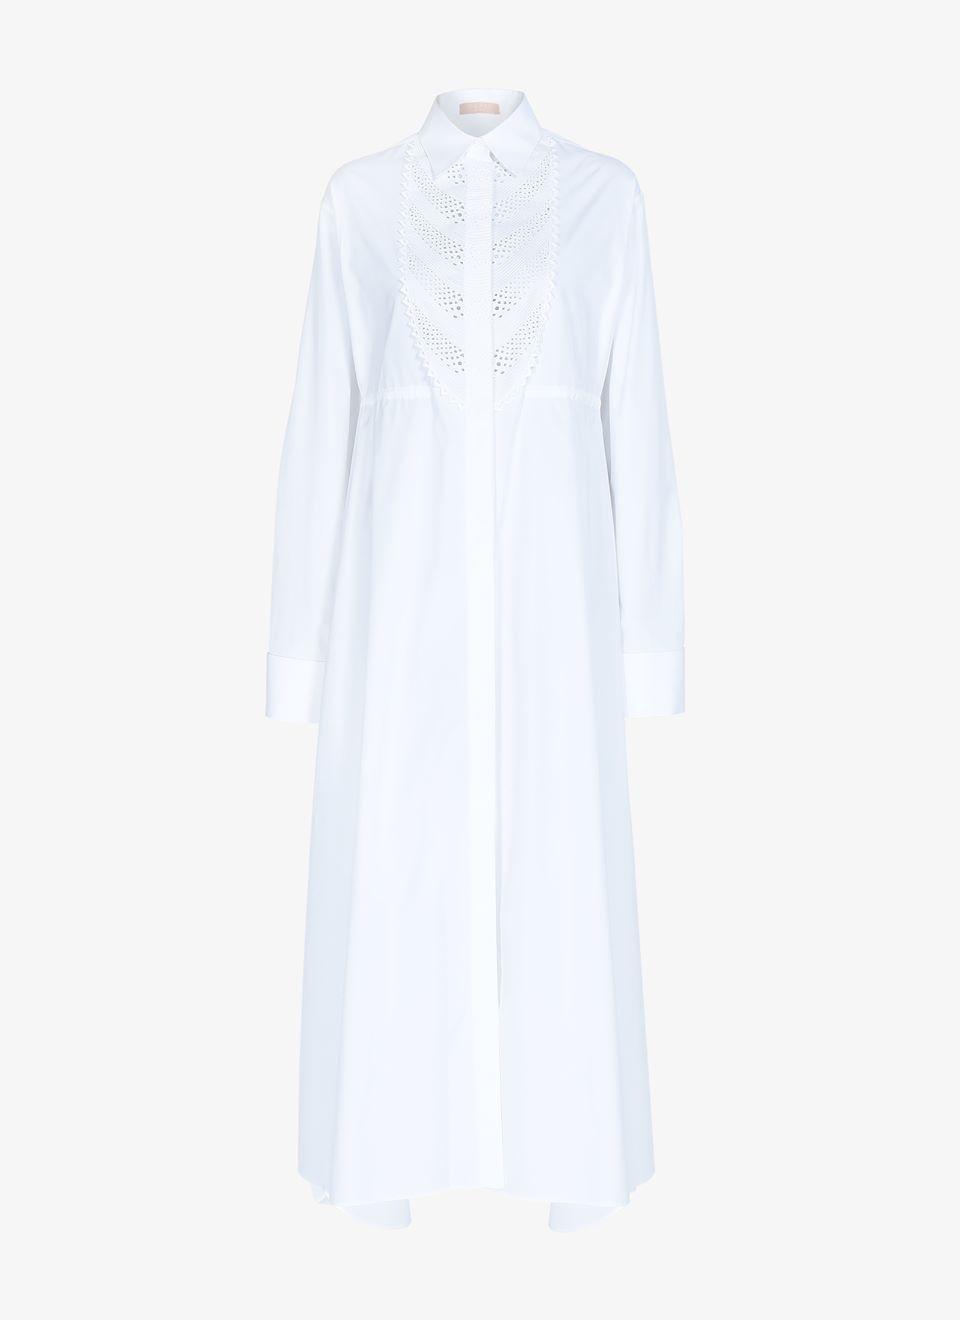 Alaïa Shirt in Cotton, Size 8, Color White